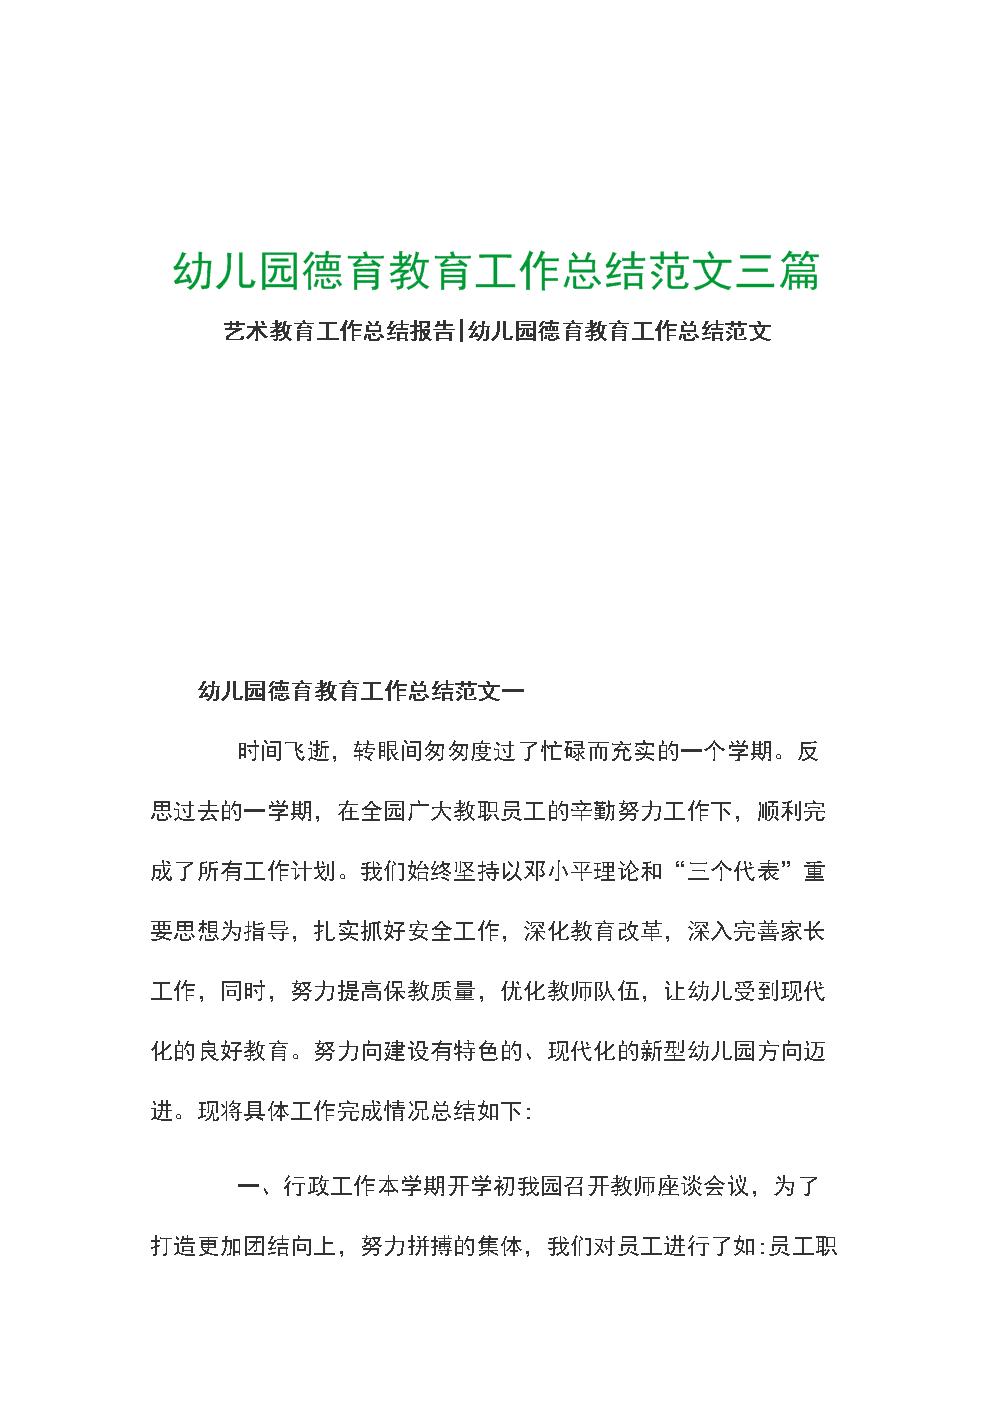 幼儿园德育教育工作总结范文三篇.docx